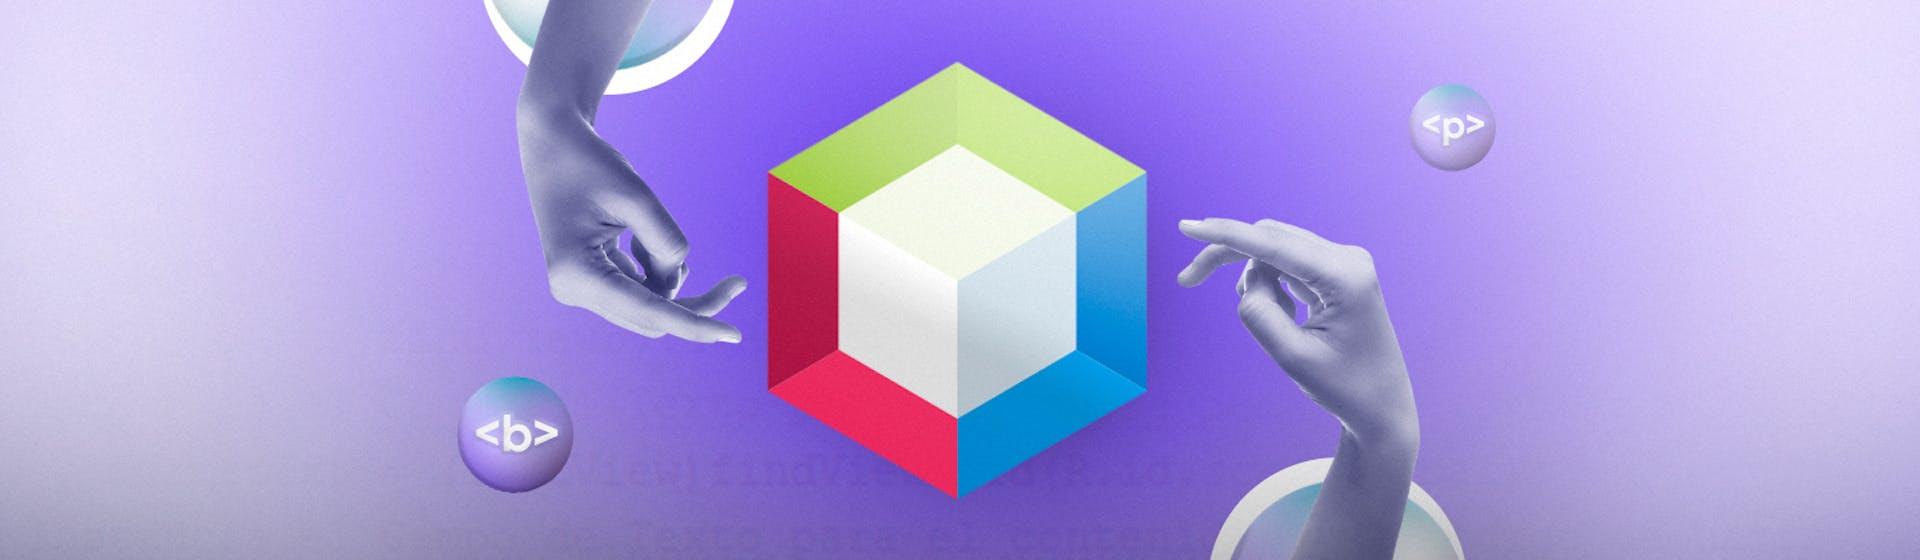 ¿Qué es Netbeans? El IDE de Java que comenzó como un proyecto escolar